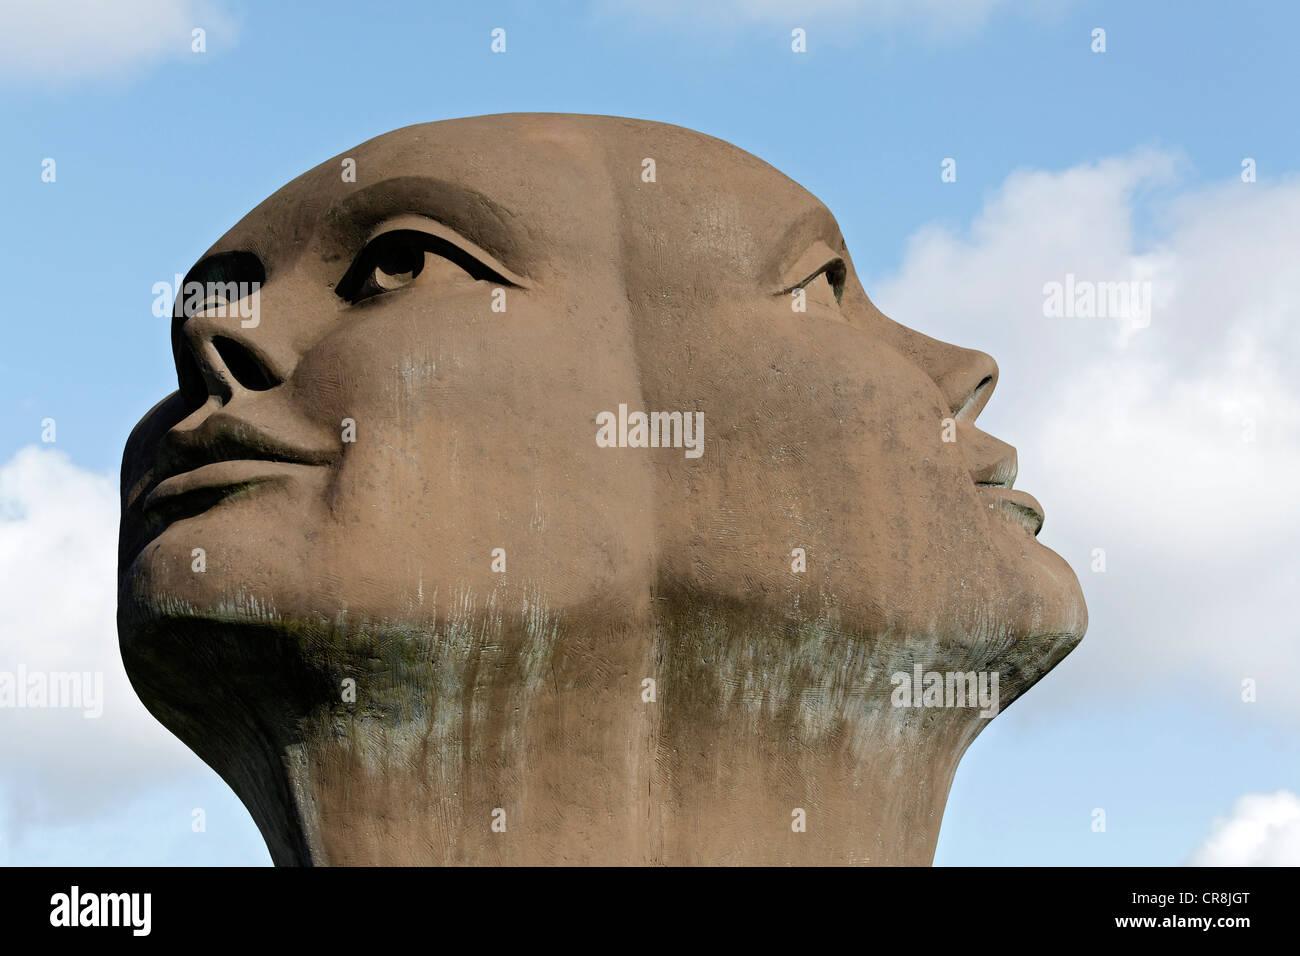 Skulptur, Blik van Licht sehen von Licht, Gemälde von Charles Delporte, Darstellung des Leiters des Janus, Stockbild